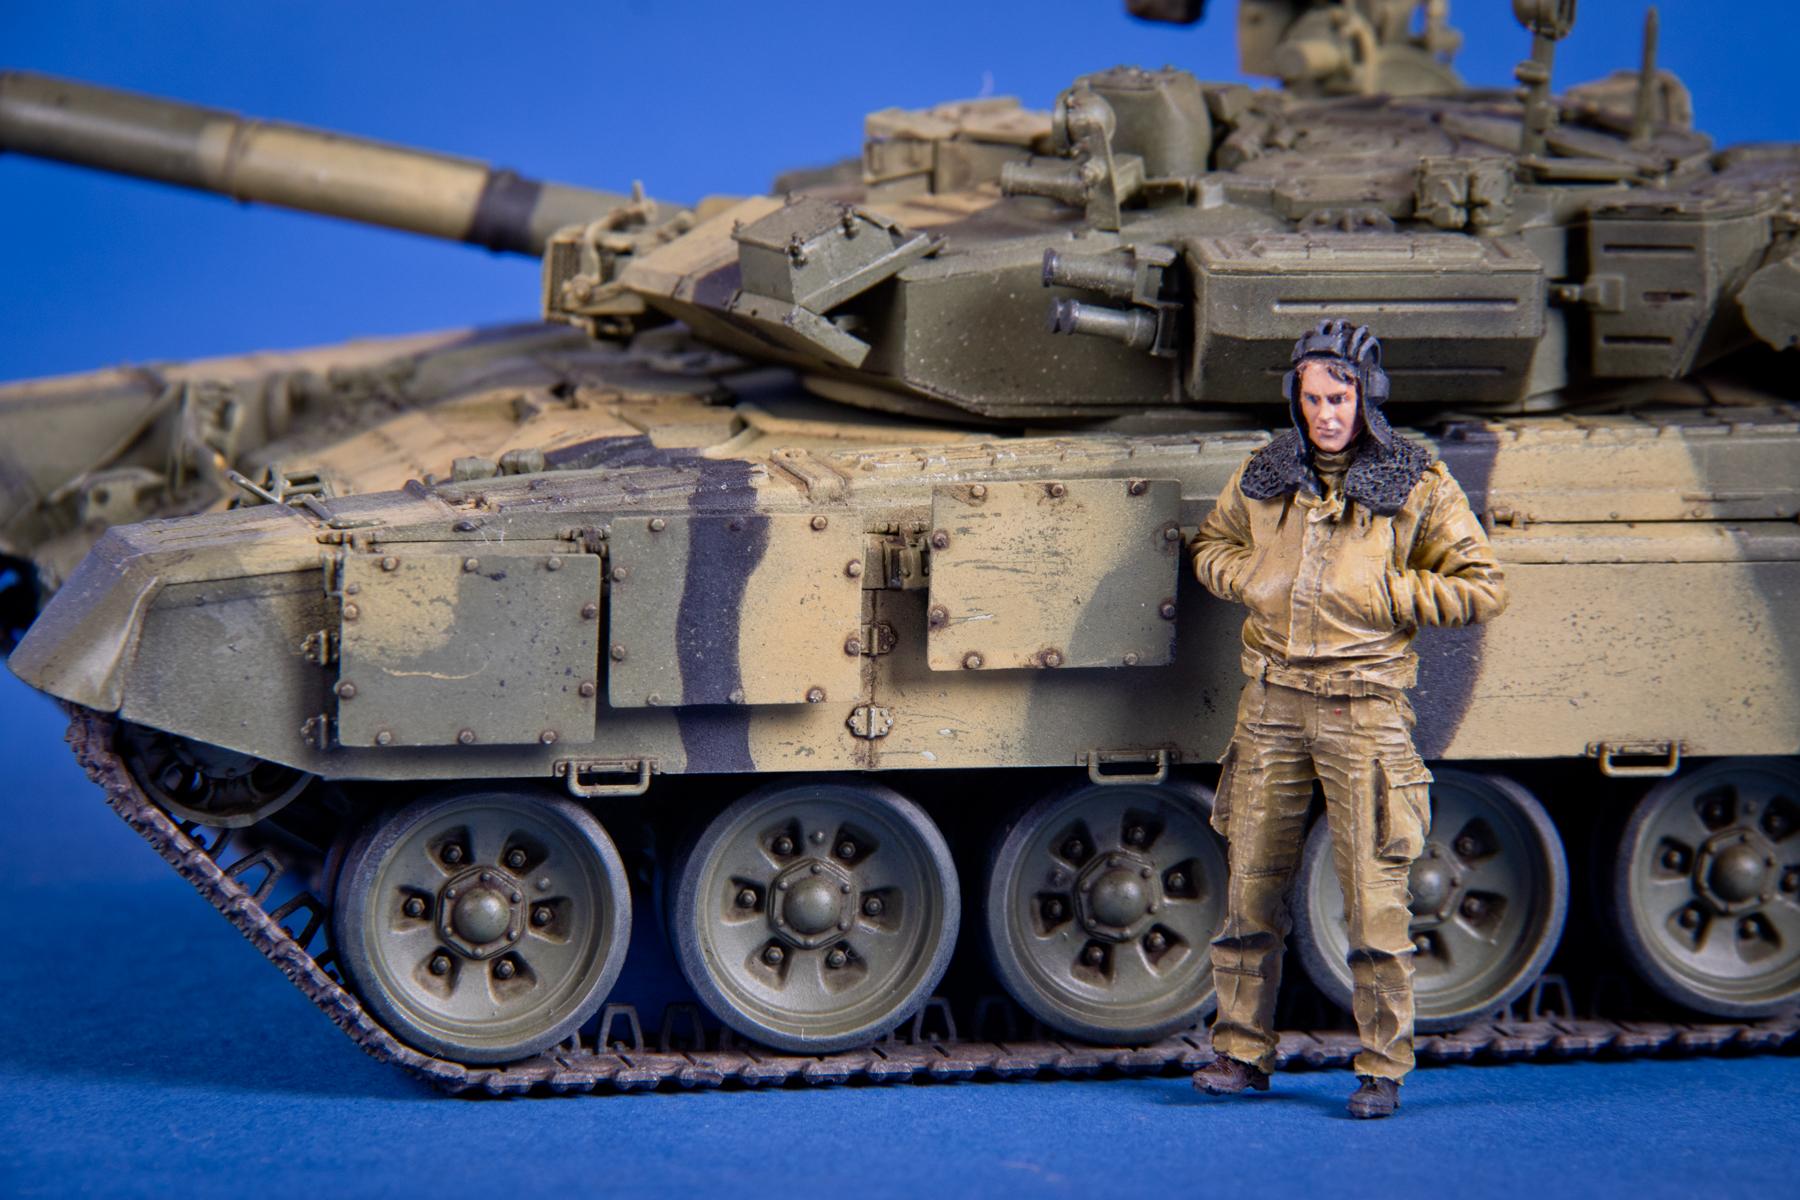 t90_tank_montyblog_13.jpg